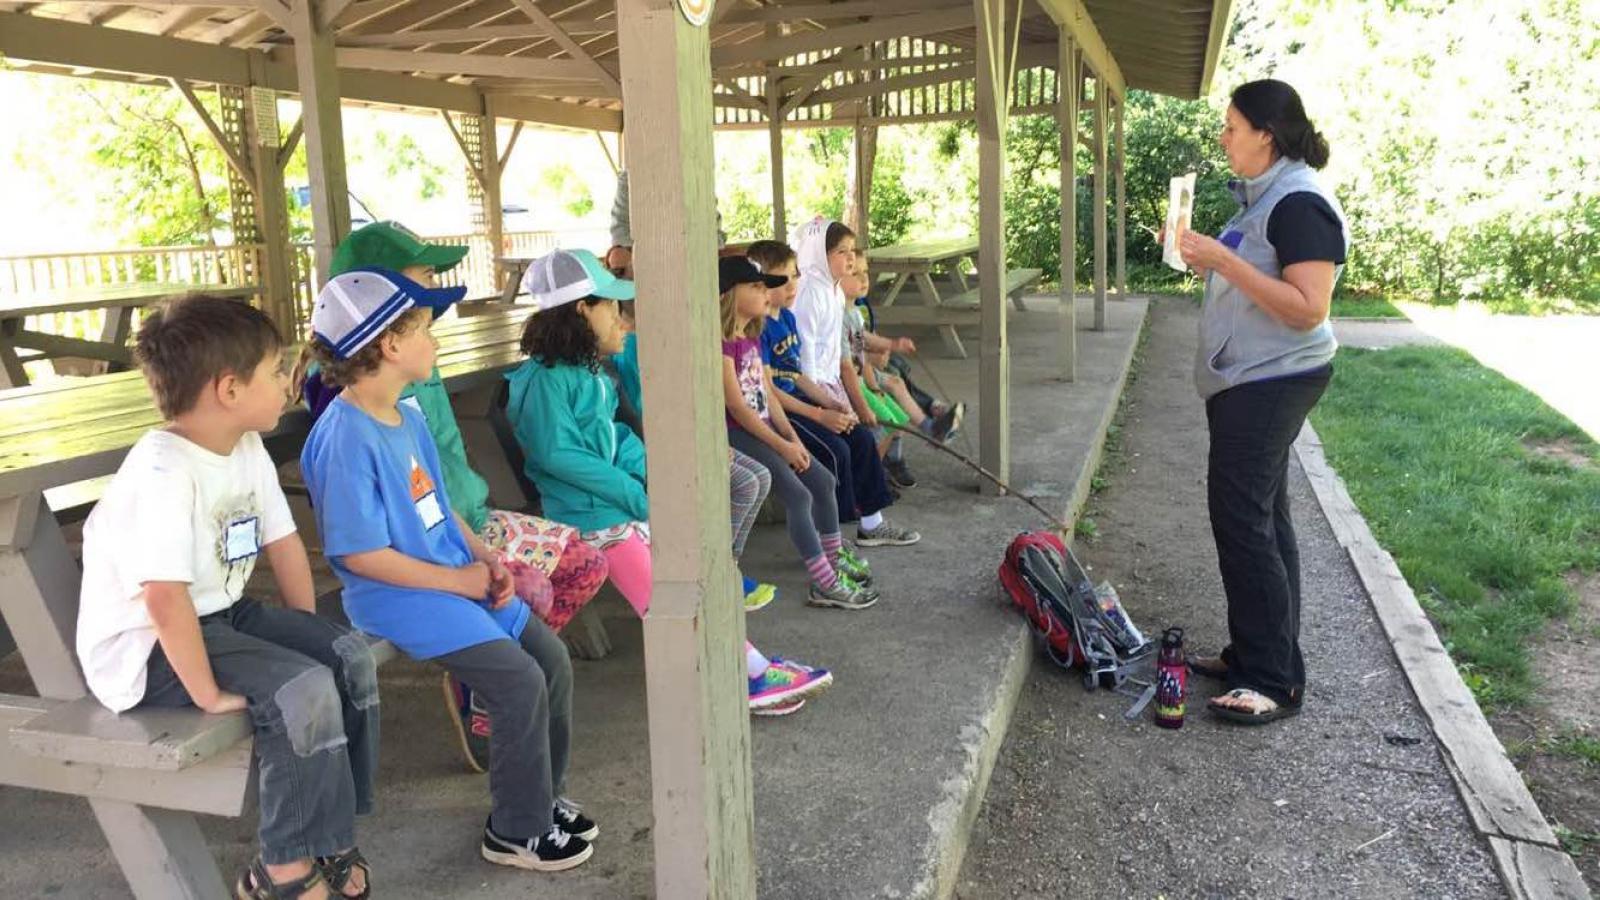 teacher reading kids a story outdoors